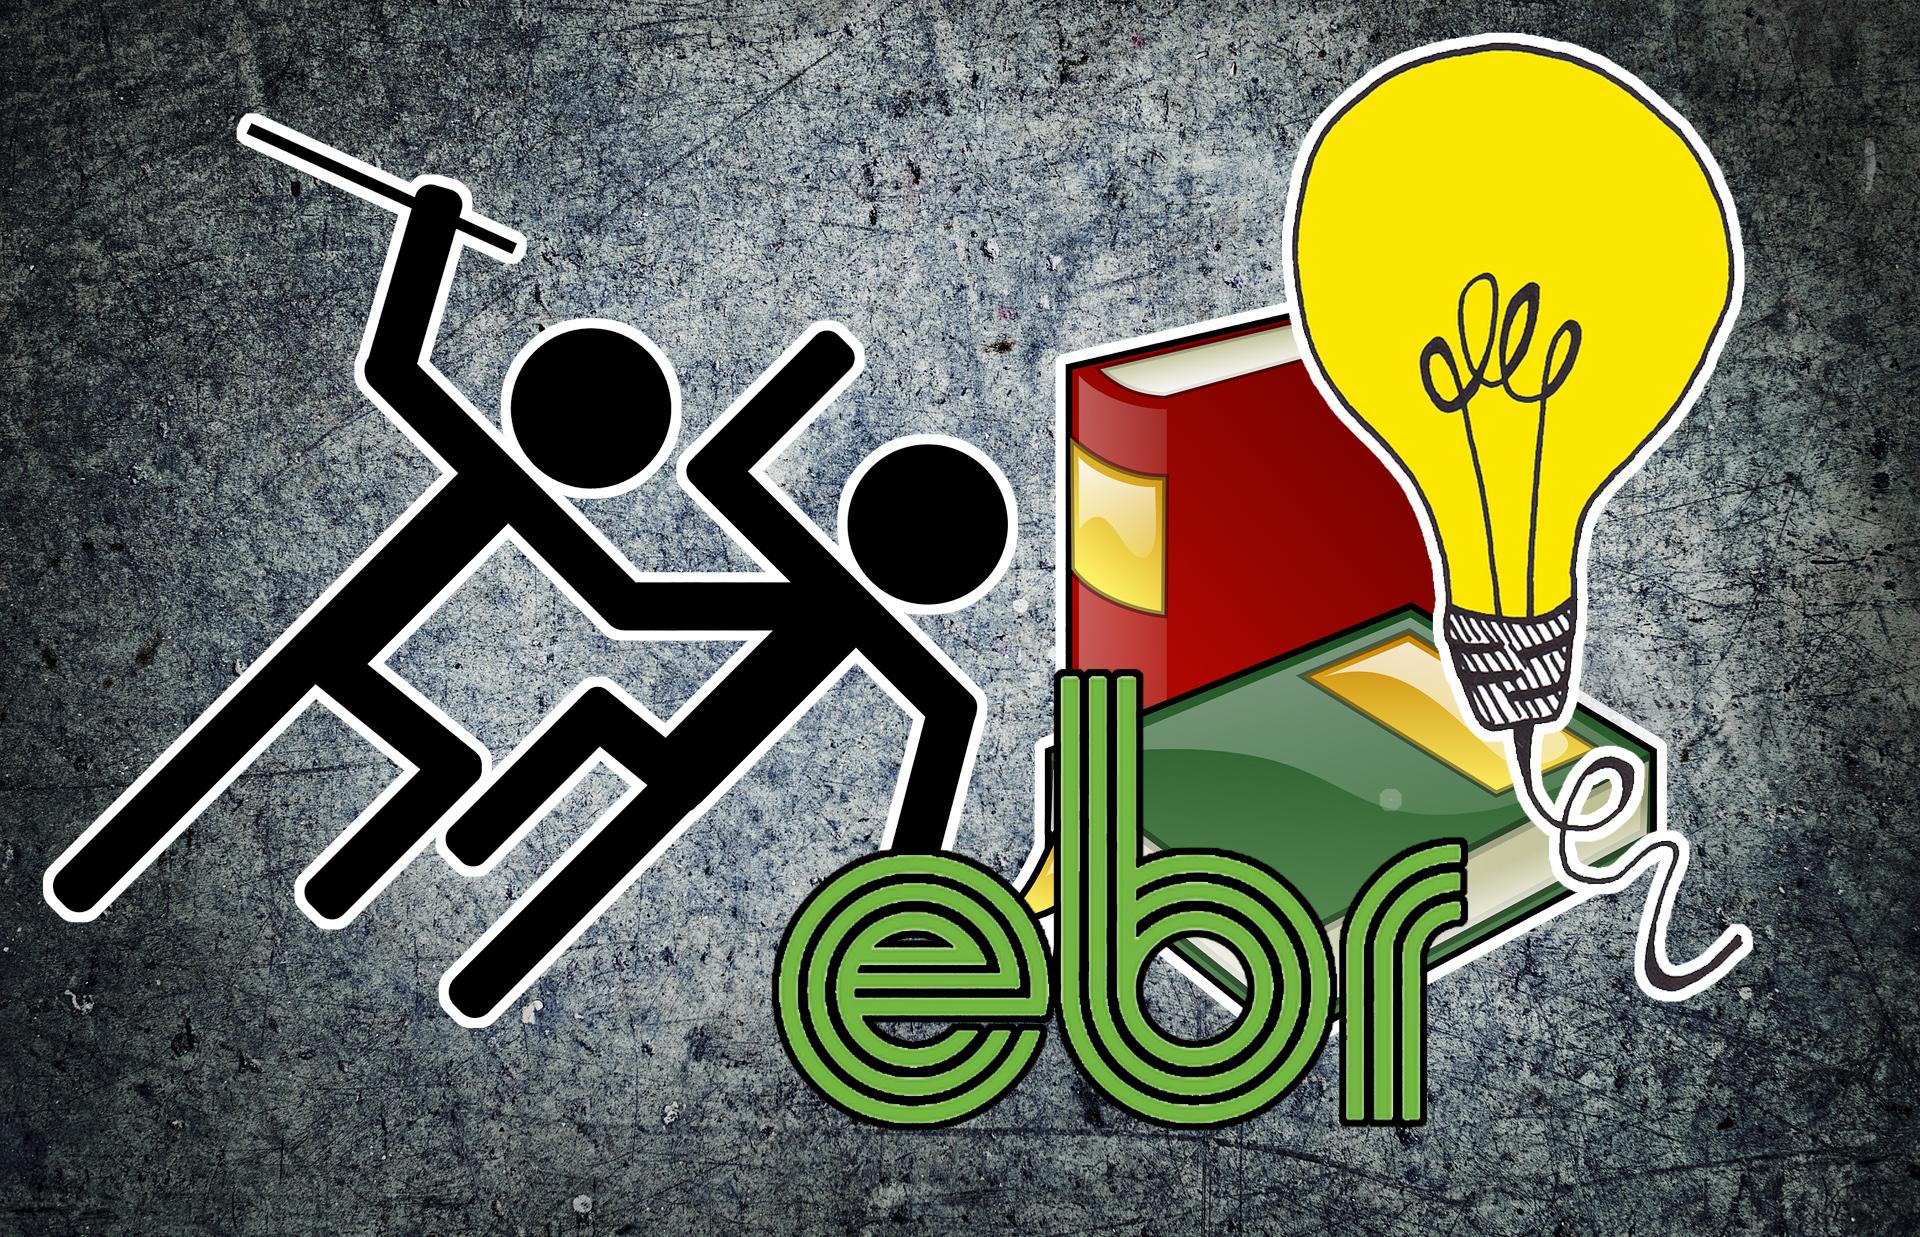 Bilden föreställer två tecknade människofigurer, varav den ena slår den andra med ett långsmalt tillhygge. Till höger om dessa finns två tecknade böcker, en tecknad tänd glödlampa och EBR:s logotyp.